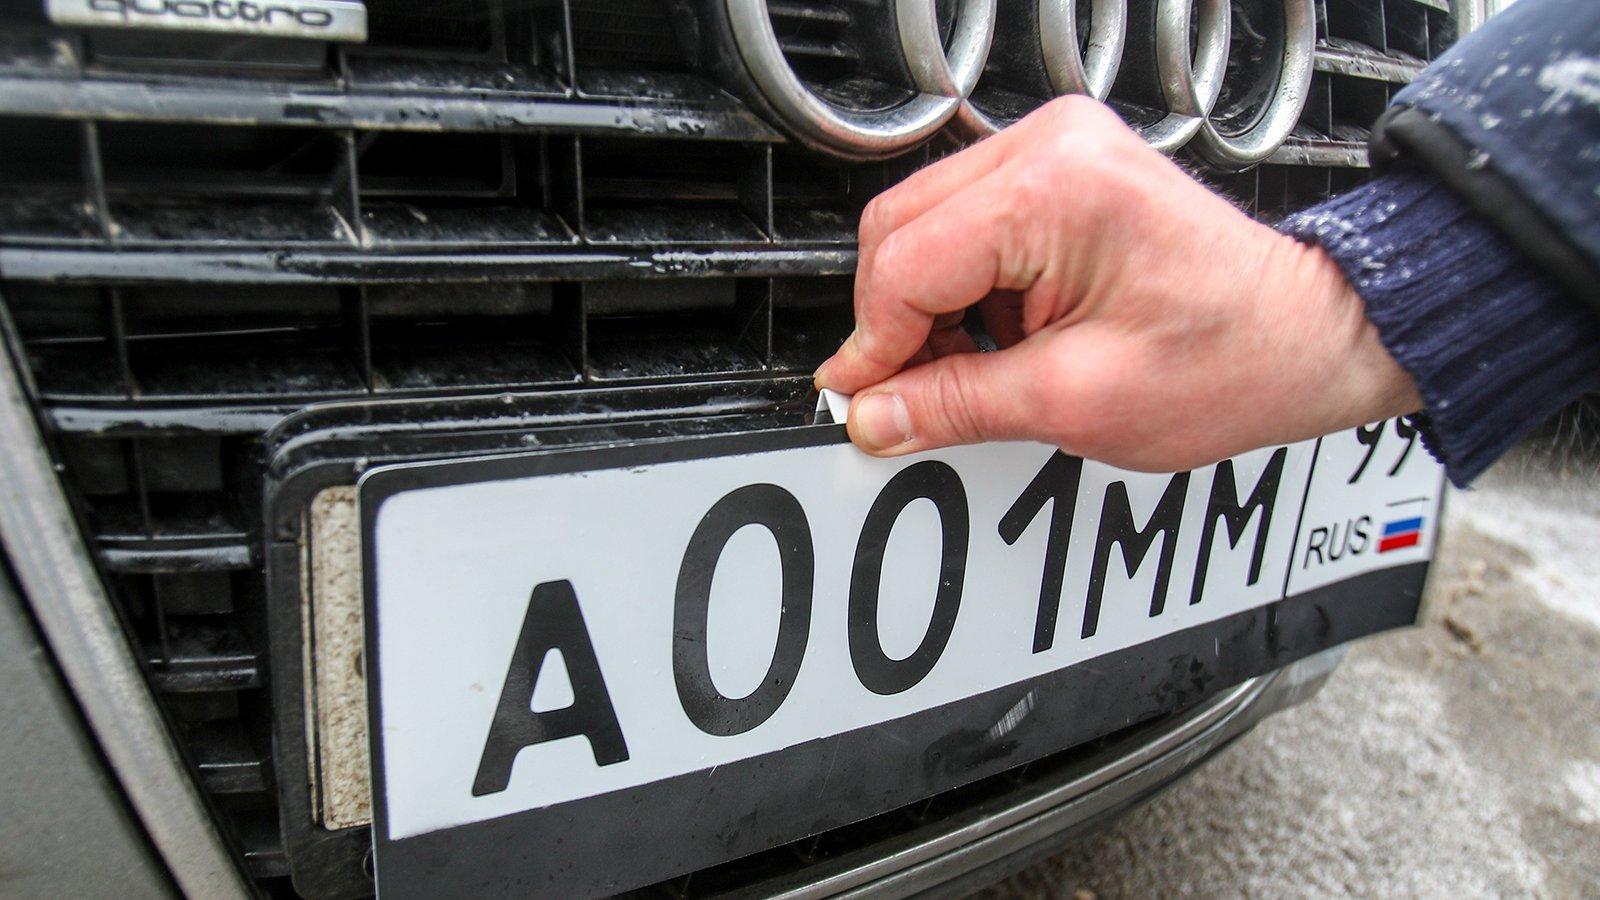 Автолюбителям на заметку: какую роль в вашей жизни играет номер автомобиля